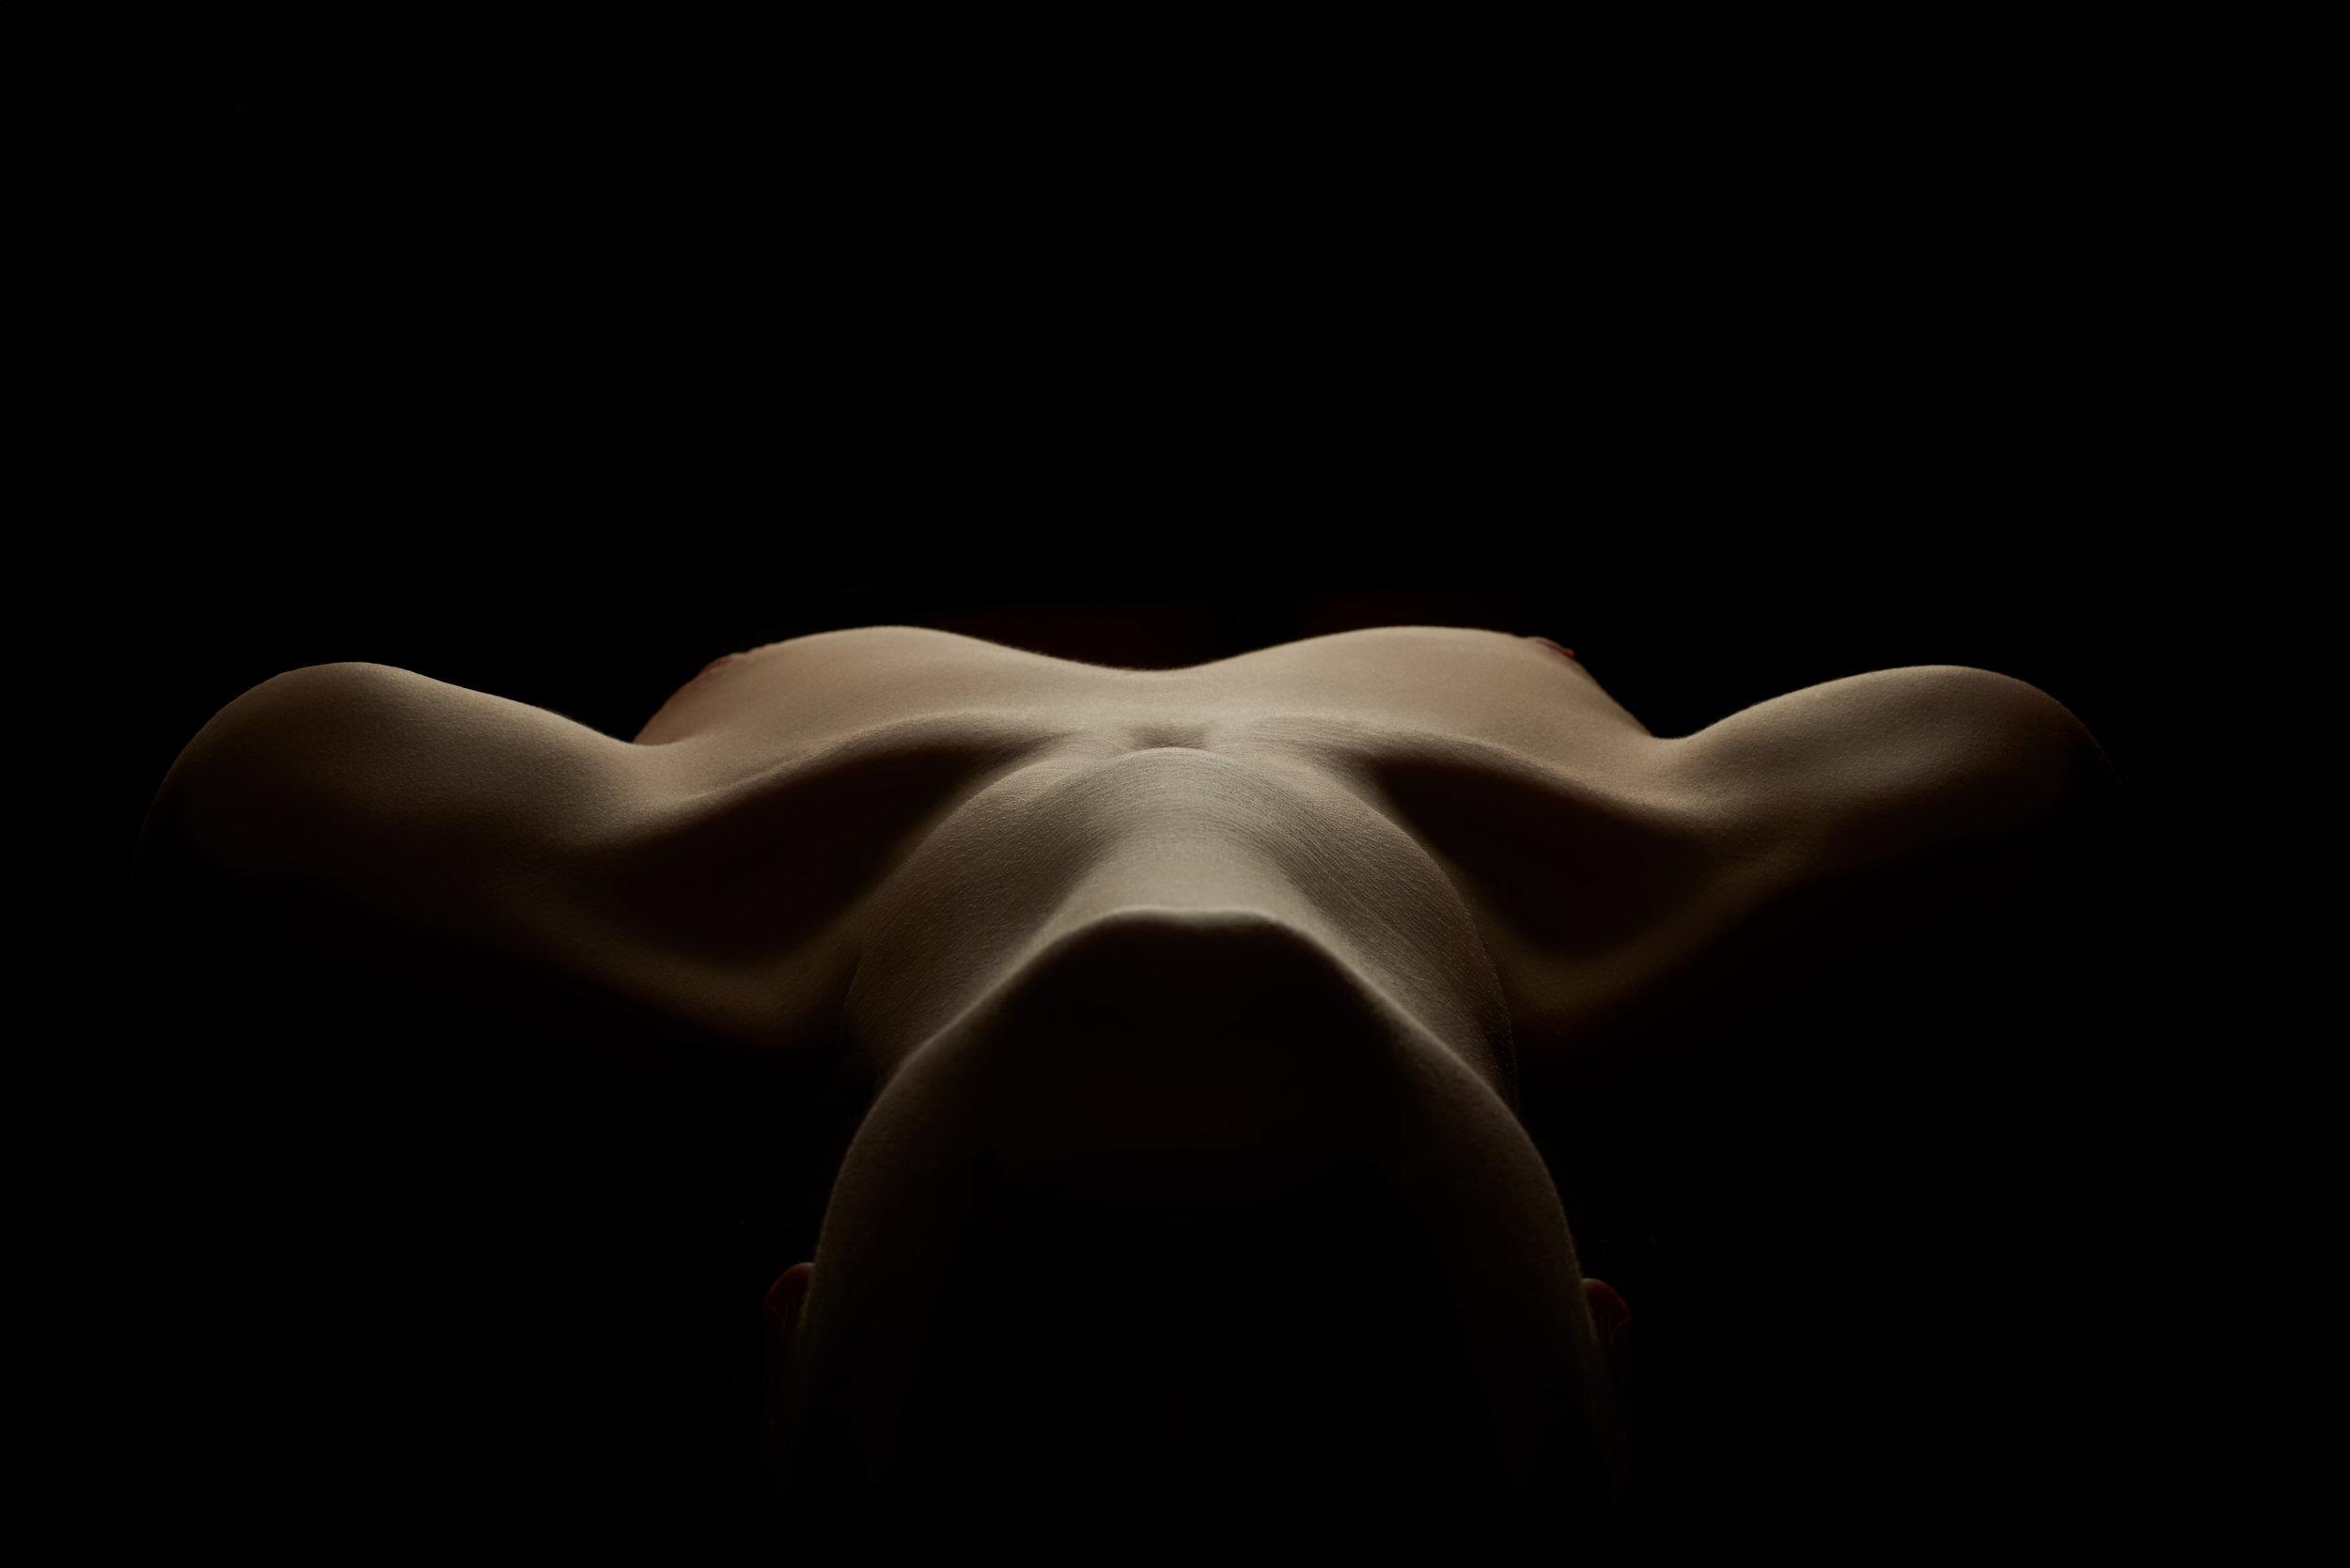 Bodyscape by Peter L. Nielsen